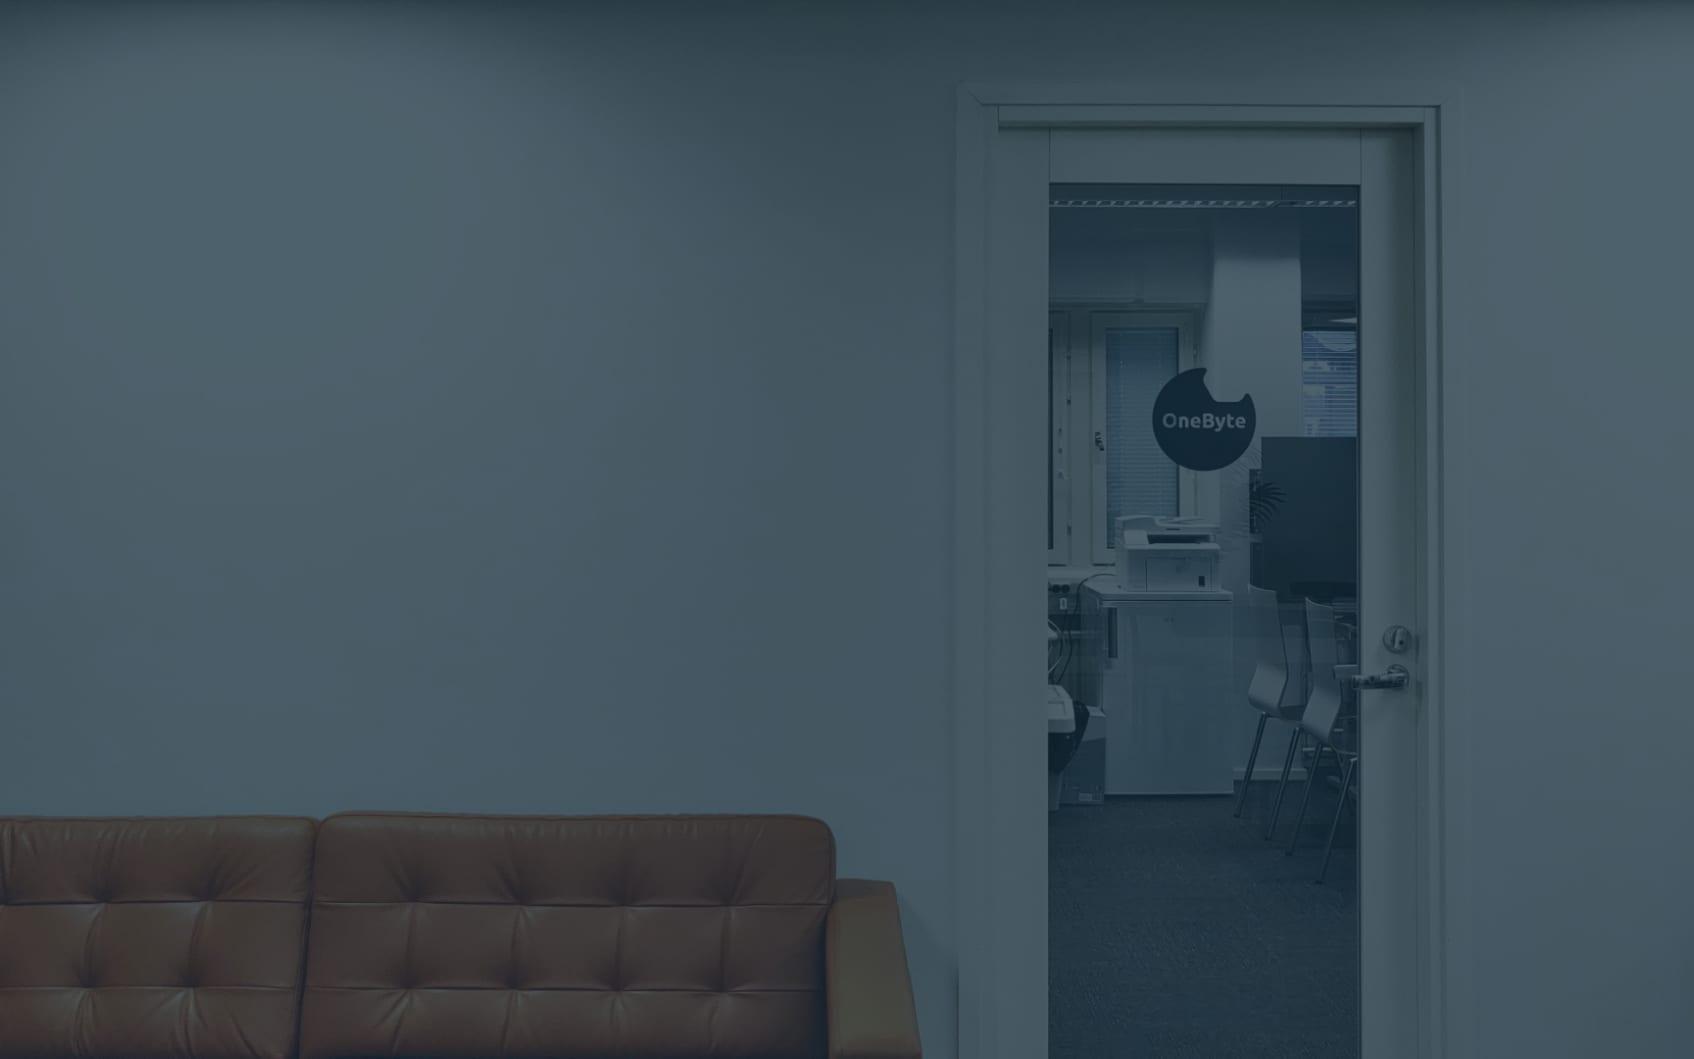 OneByte toimisto